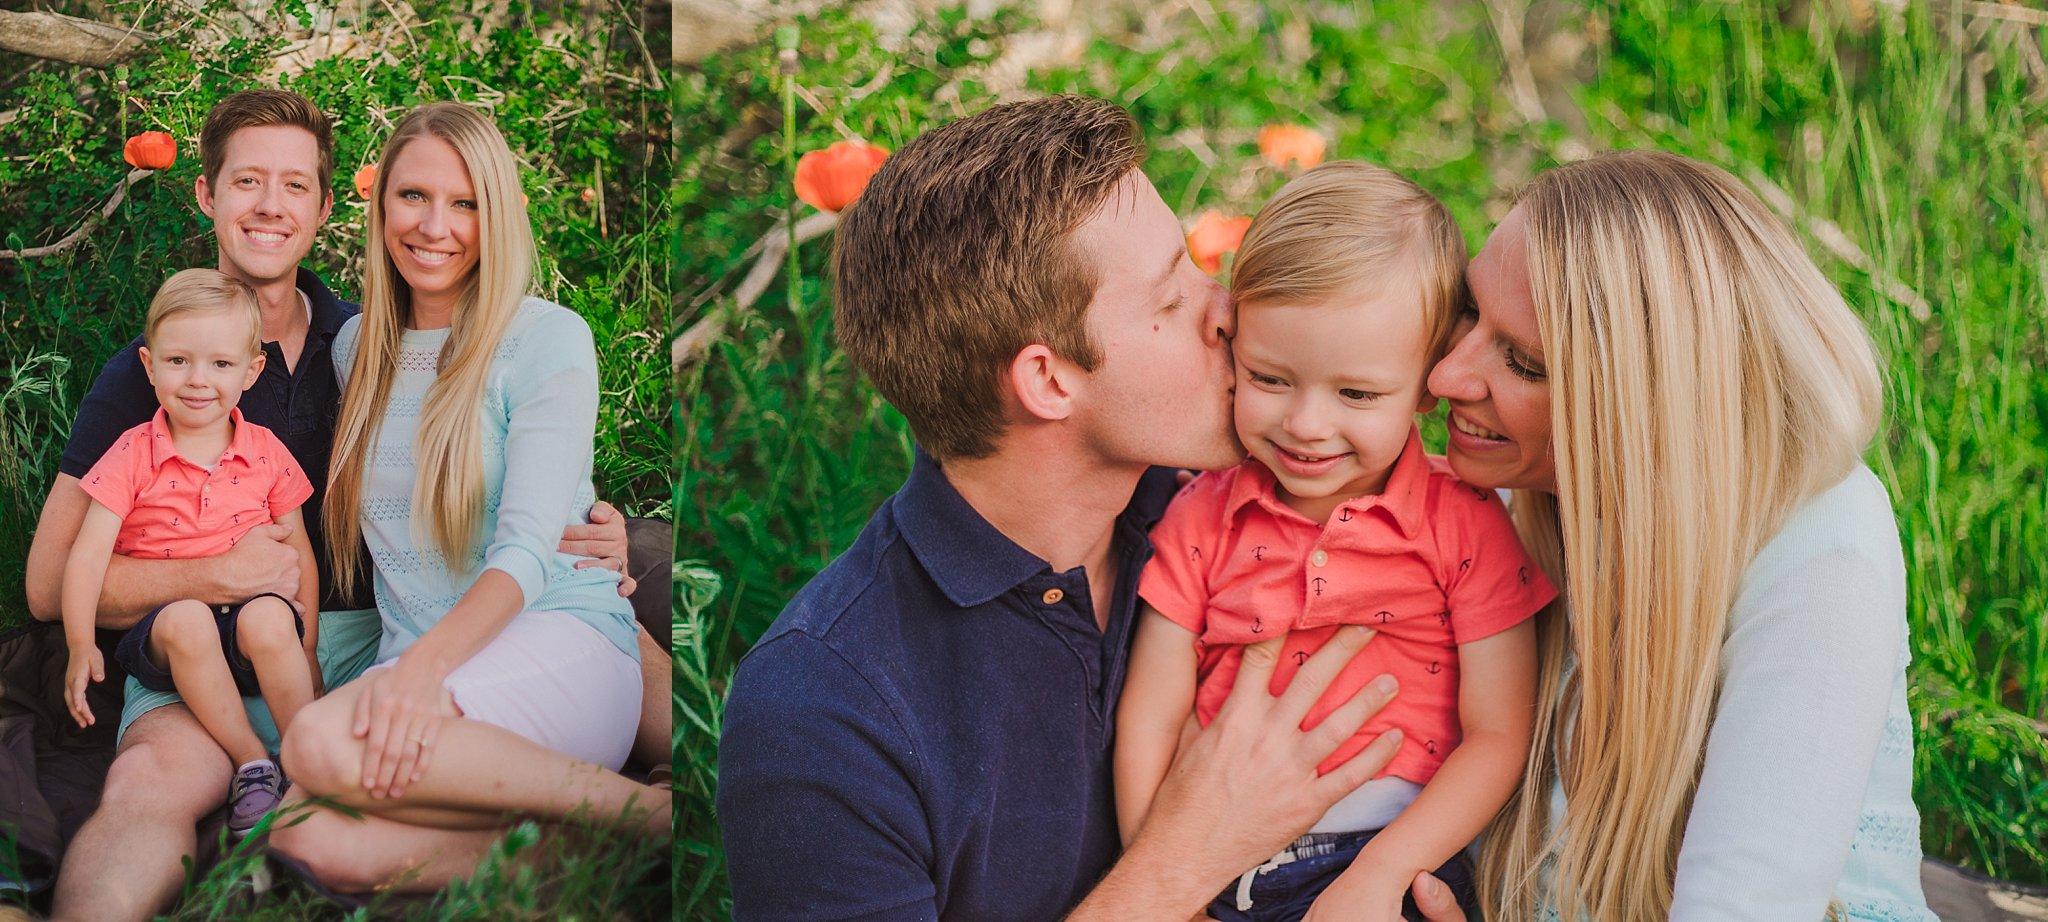 family,hilary gardiner photography,salt lake city family photographer,salt lake city family photography,salt lake city photographer,utah valley family photographer,